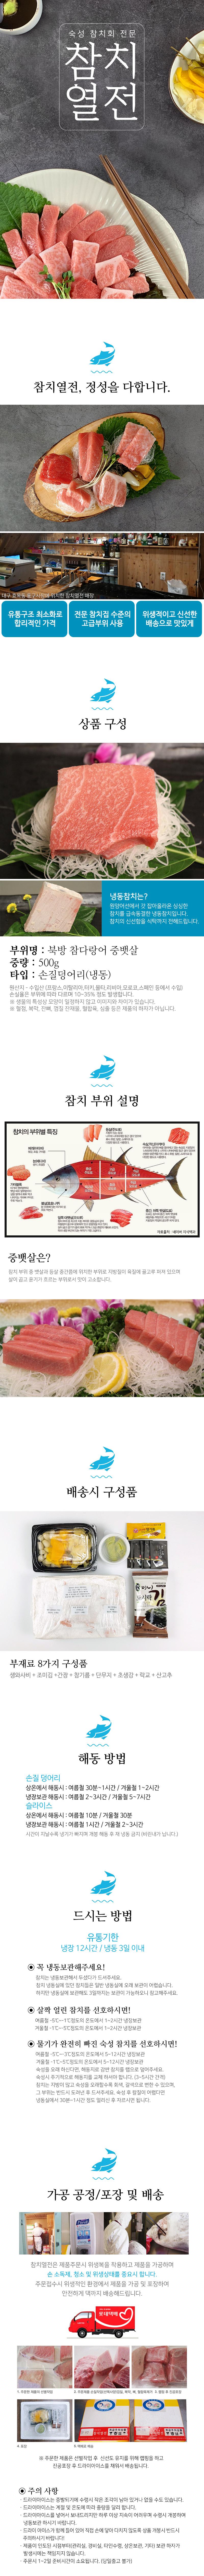 TUNA_500_jungbae.jpg